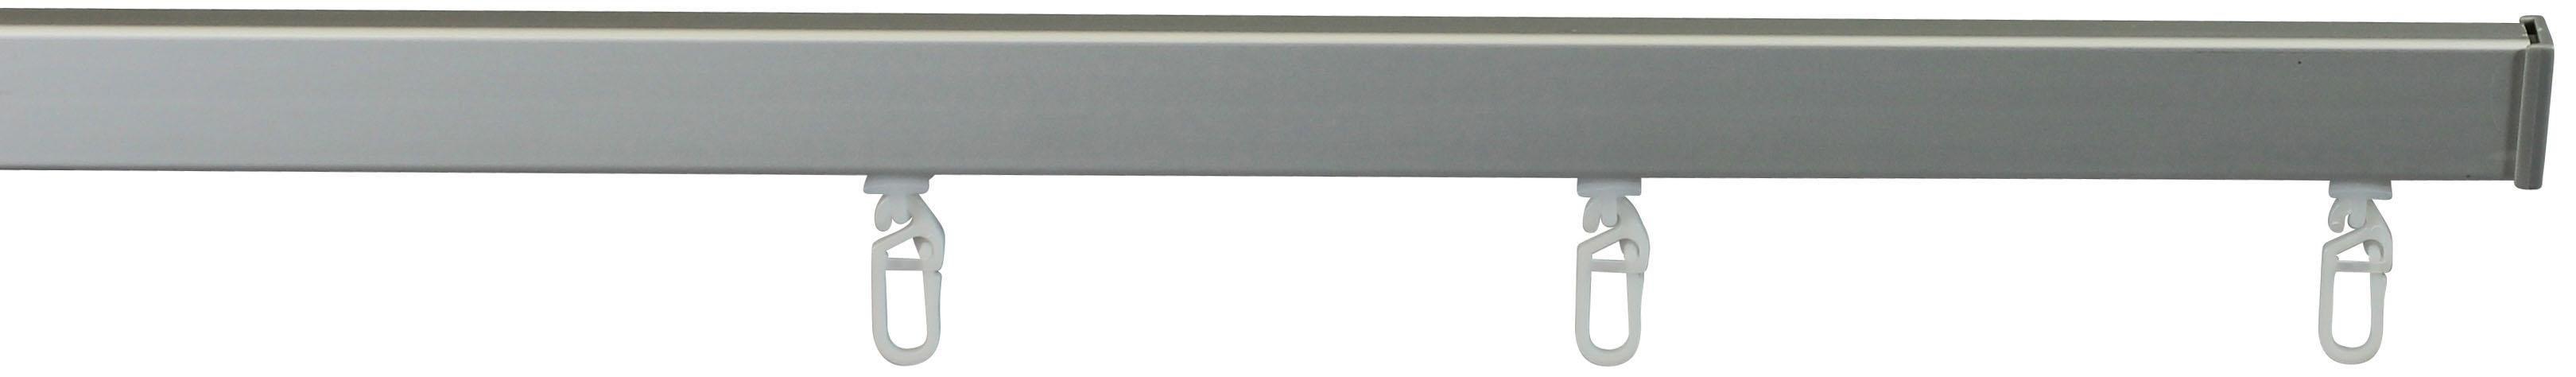 Gardinenschiene, Garesa, »Schleuder- und Bilderschiene, 4 mm Lauf«, Schienensystem nach Maß   Heimtextilien > Gardinen und Vorhänge > Gardinenstangen   Metall   GARESA